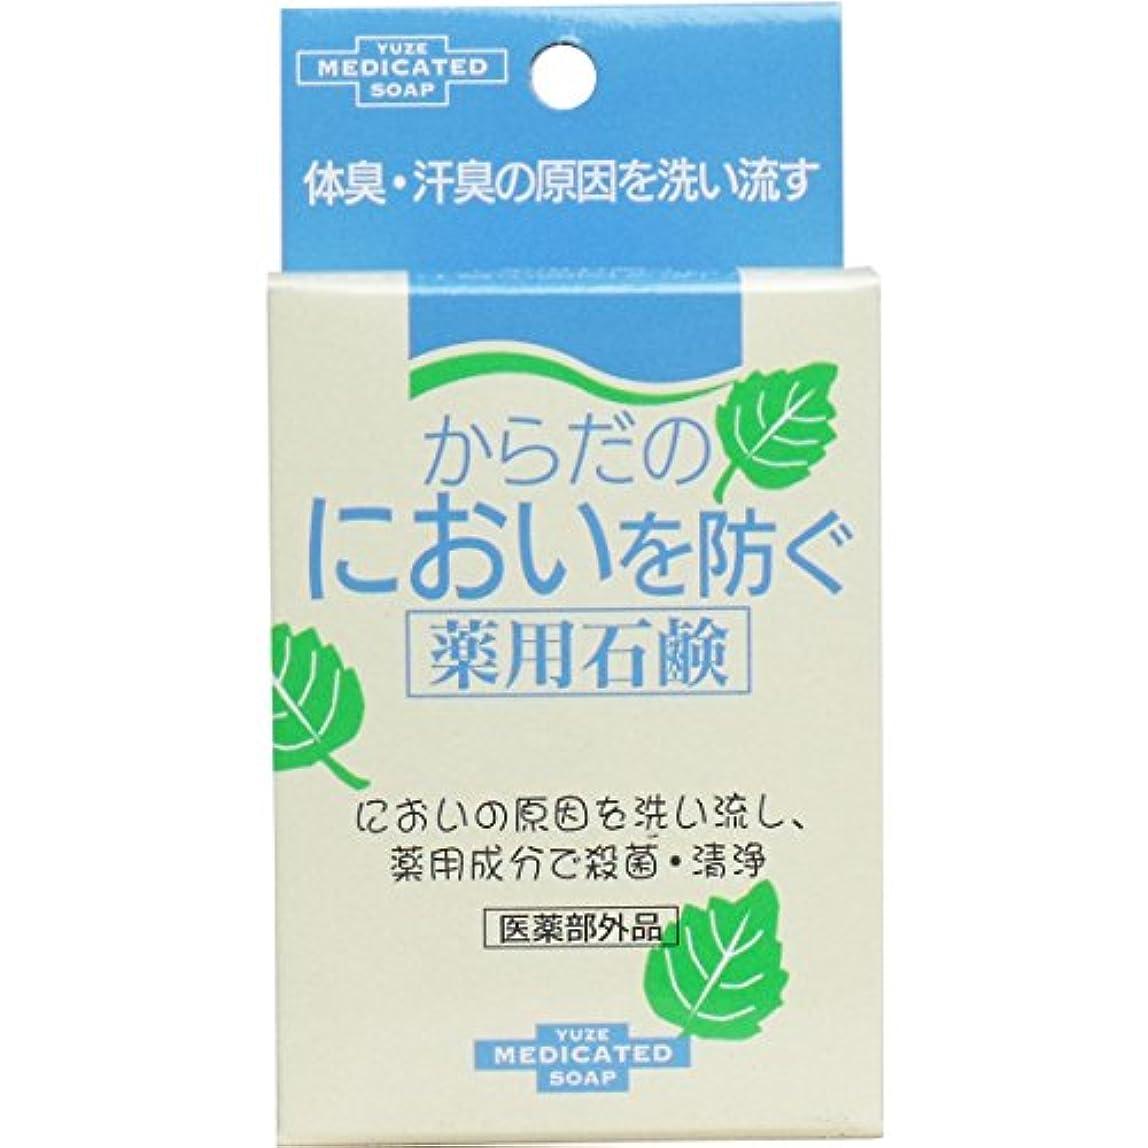 コテージ系統的原始的なユゼからだのにおいを防ぐ薬用石鹸 110g×6個セット